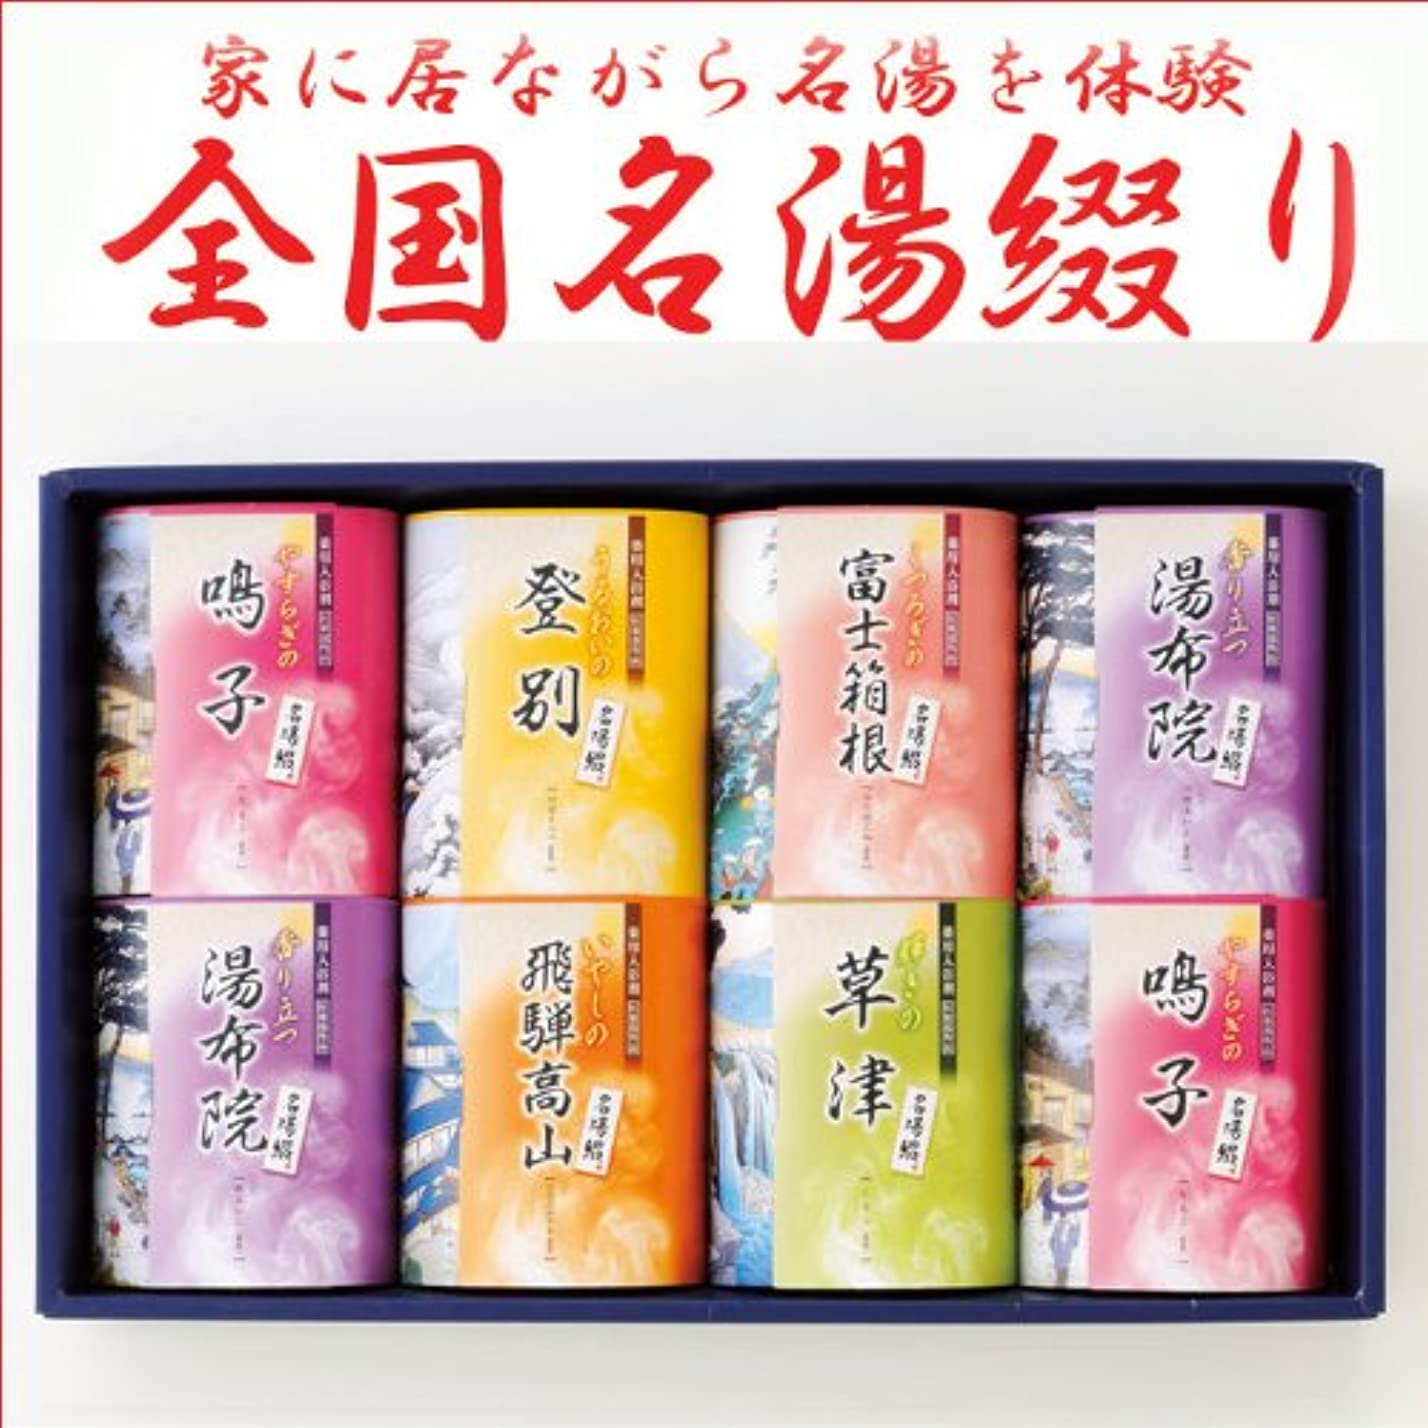 日本全国名湯の温泉巡り入浴剤ギフトセット